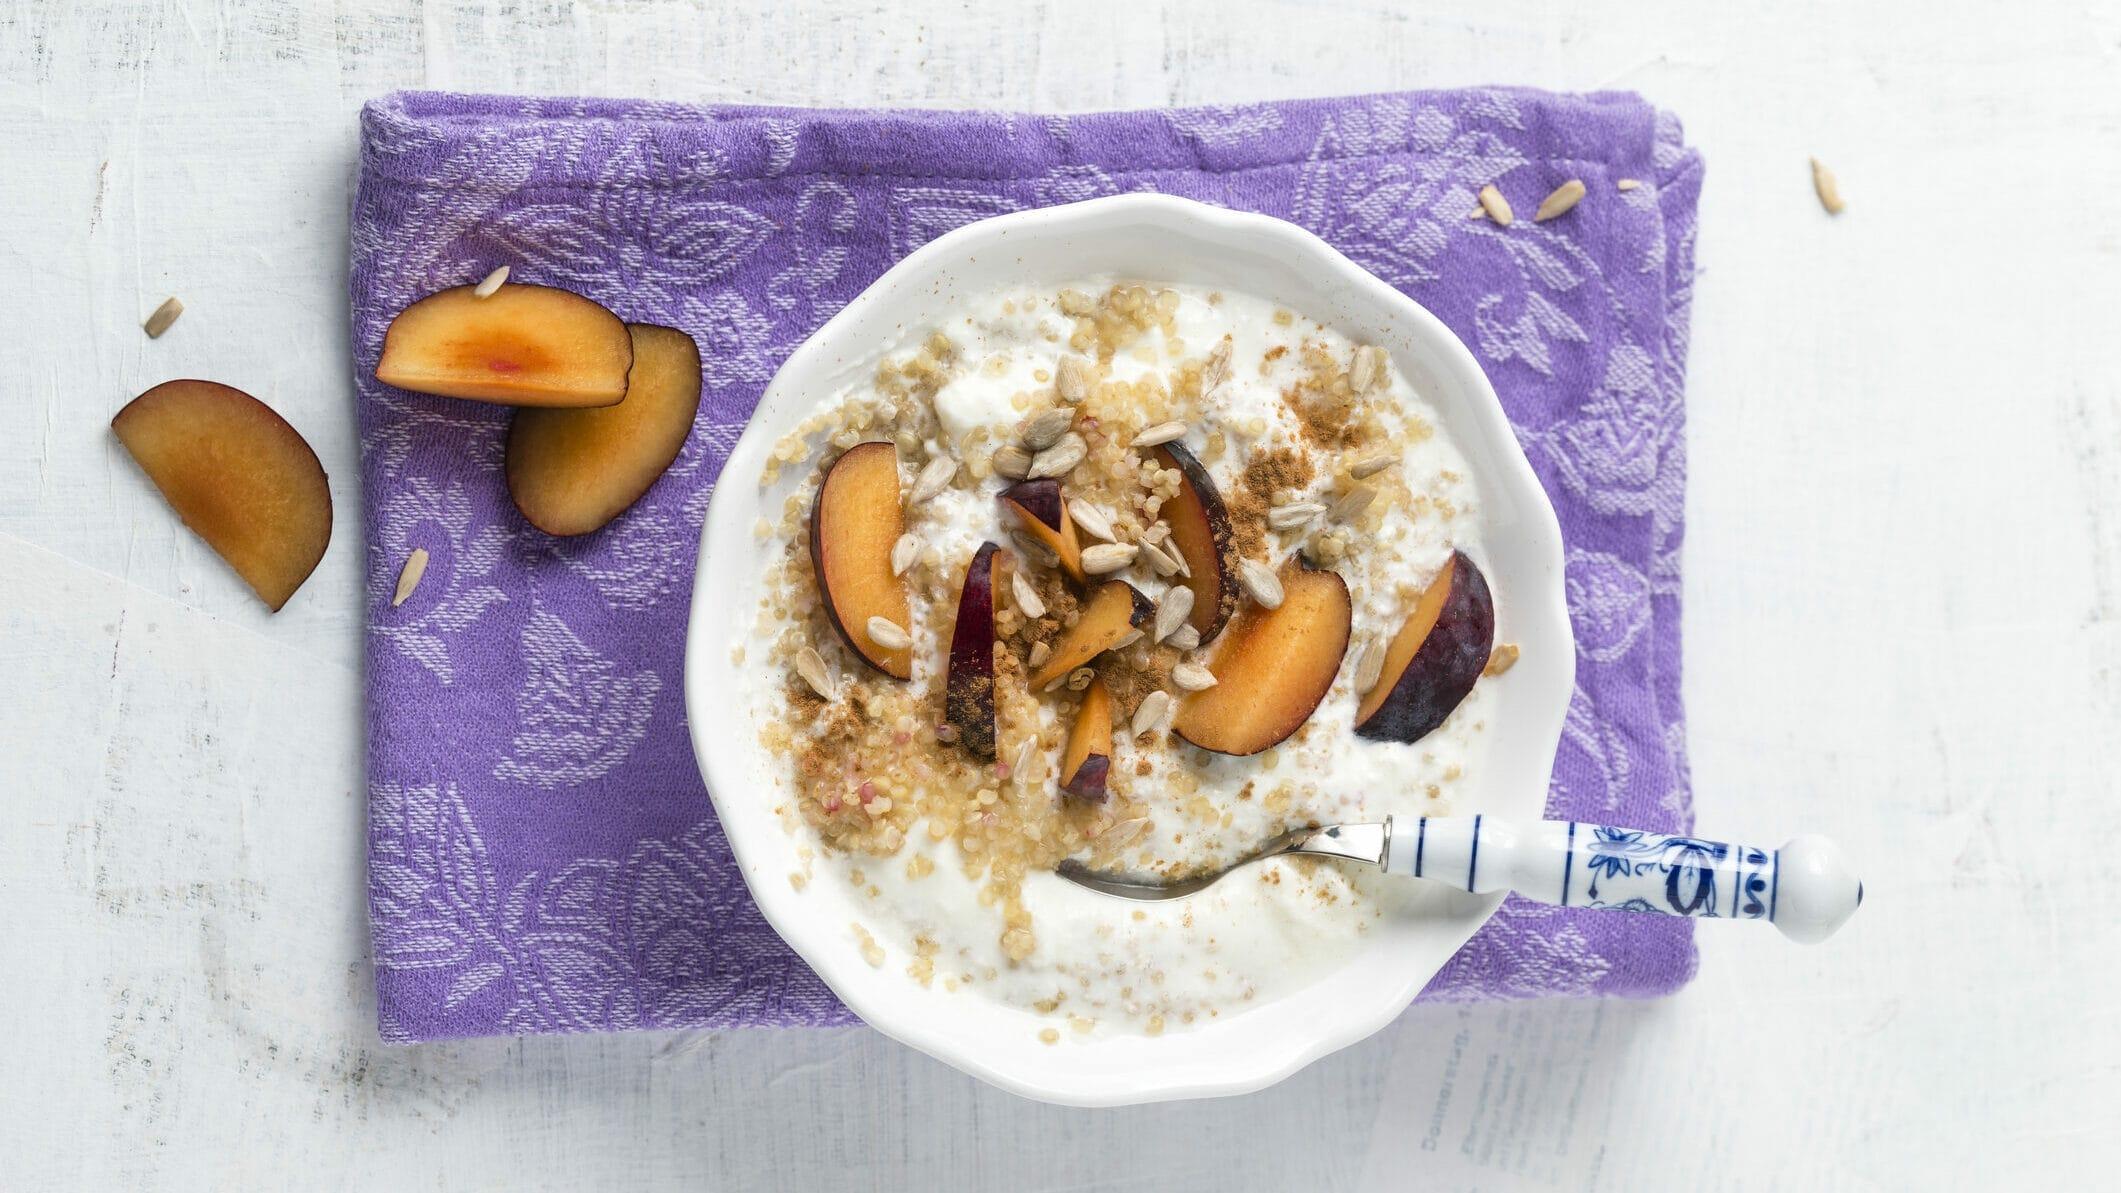 Pflaumen-Frühstücksbrei aus Quinoa mit Joghurt in weißer Schüssel auf lila Tuch